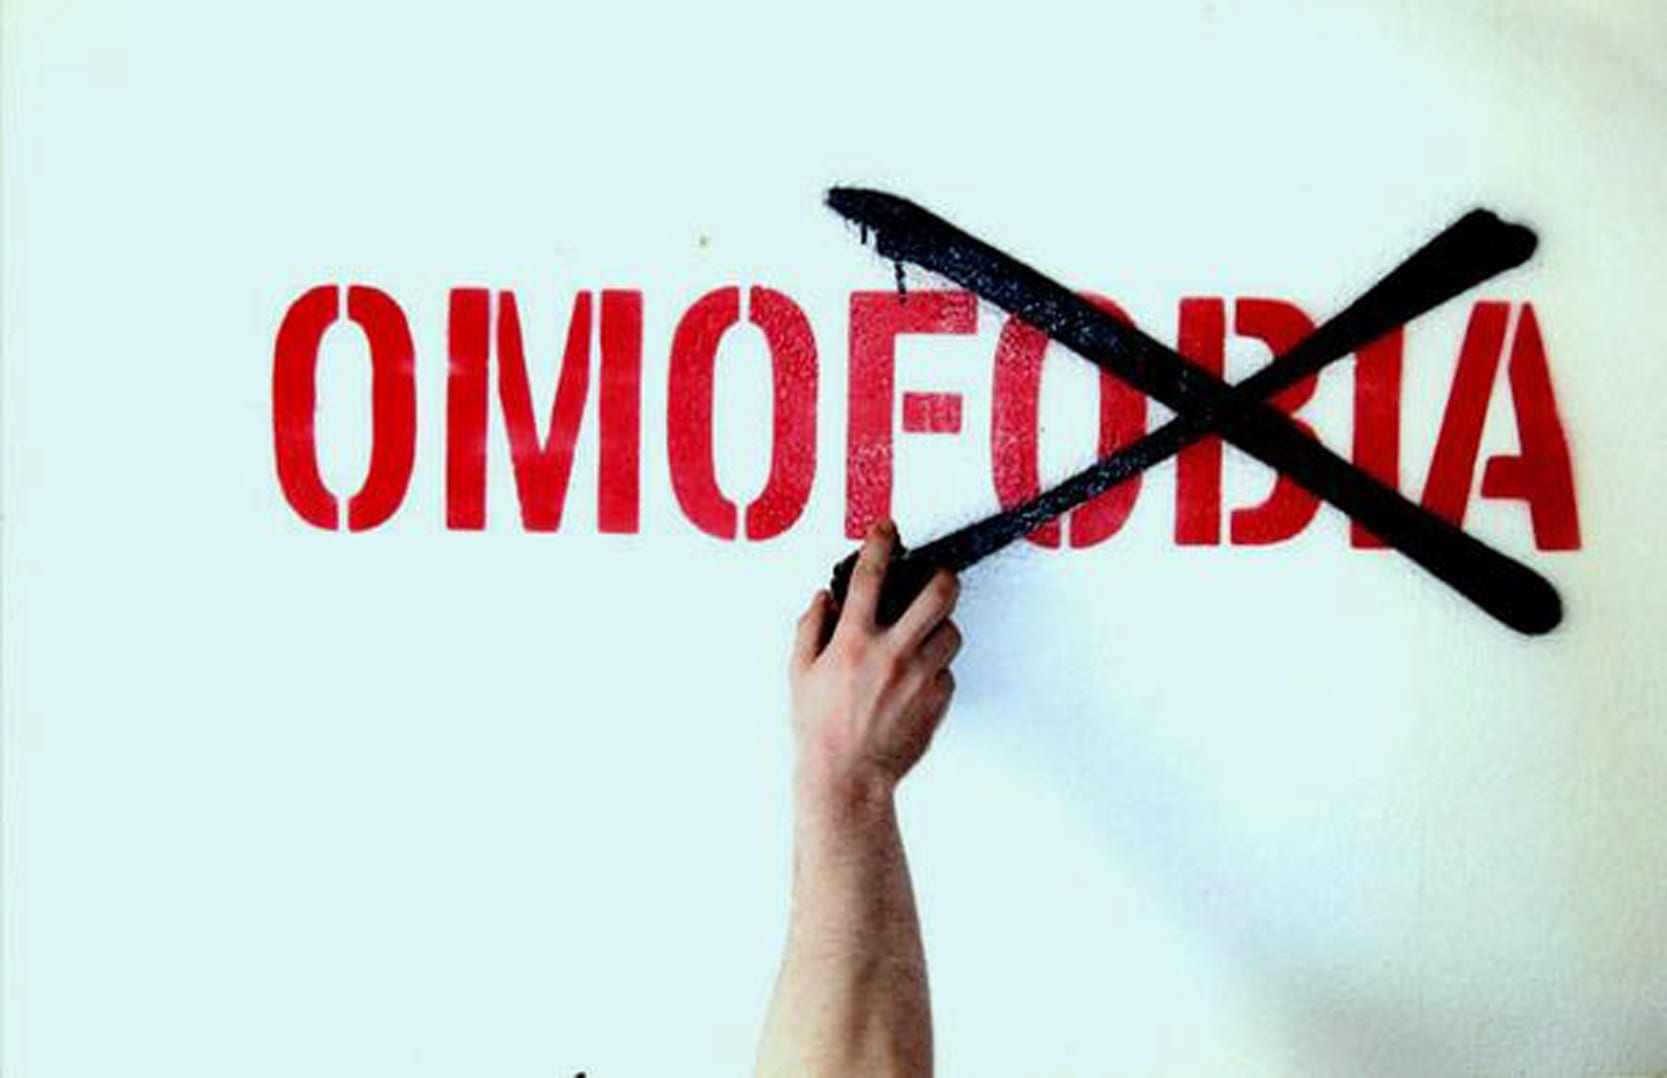 Omofobia, oggi la giornata mondiale. Spot contro il cyberbullismo